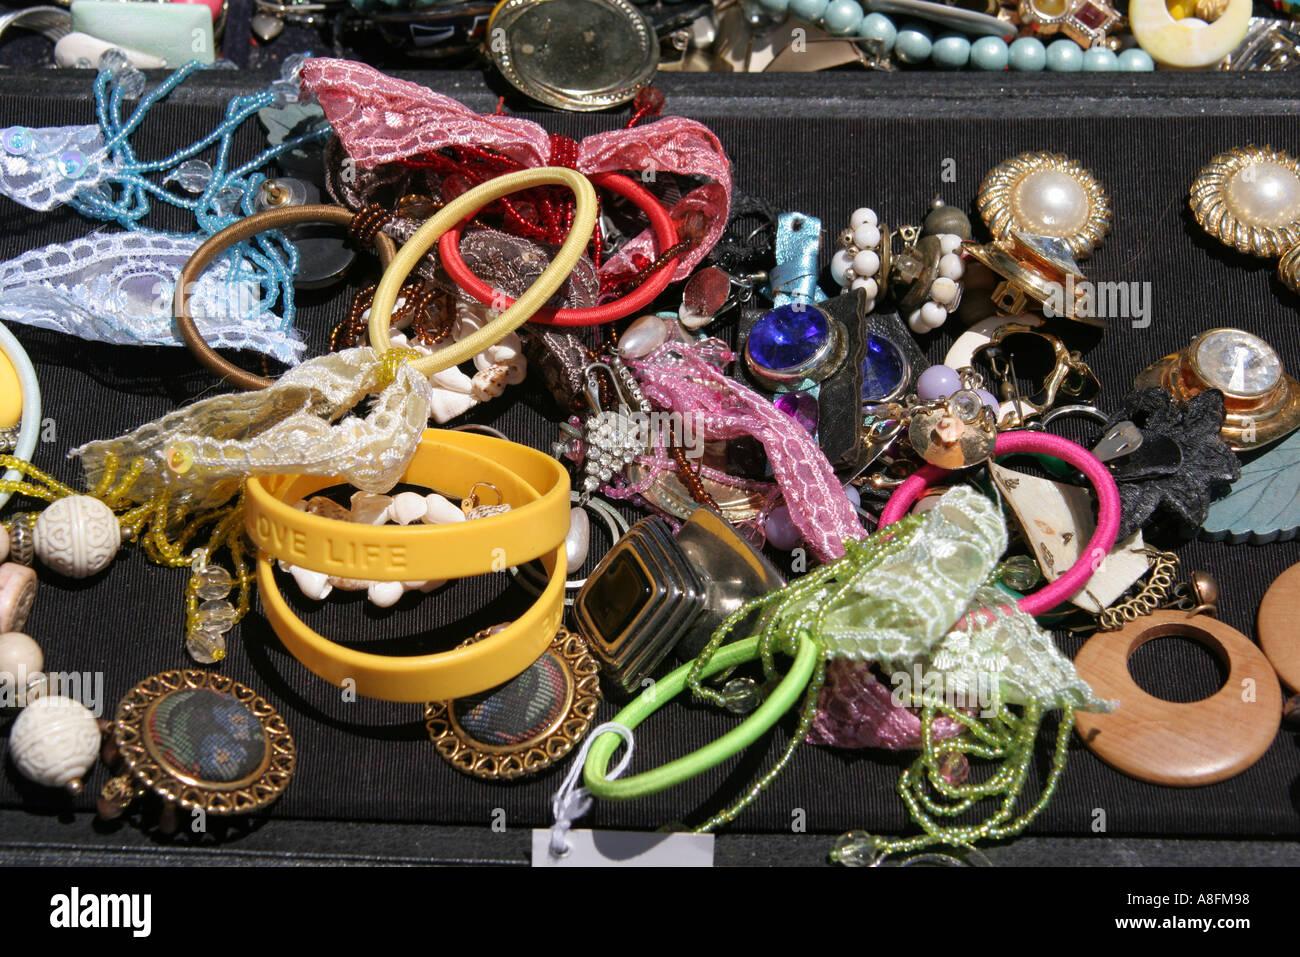 Flea Market Miami >> Flea Market Miami Stock Photos Flea Market Miami Stock Images Alamy